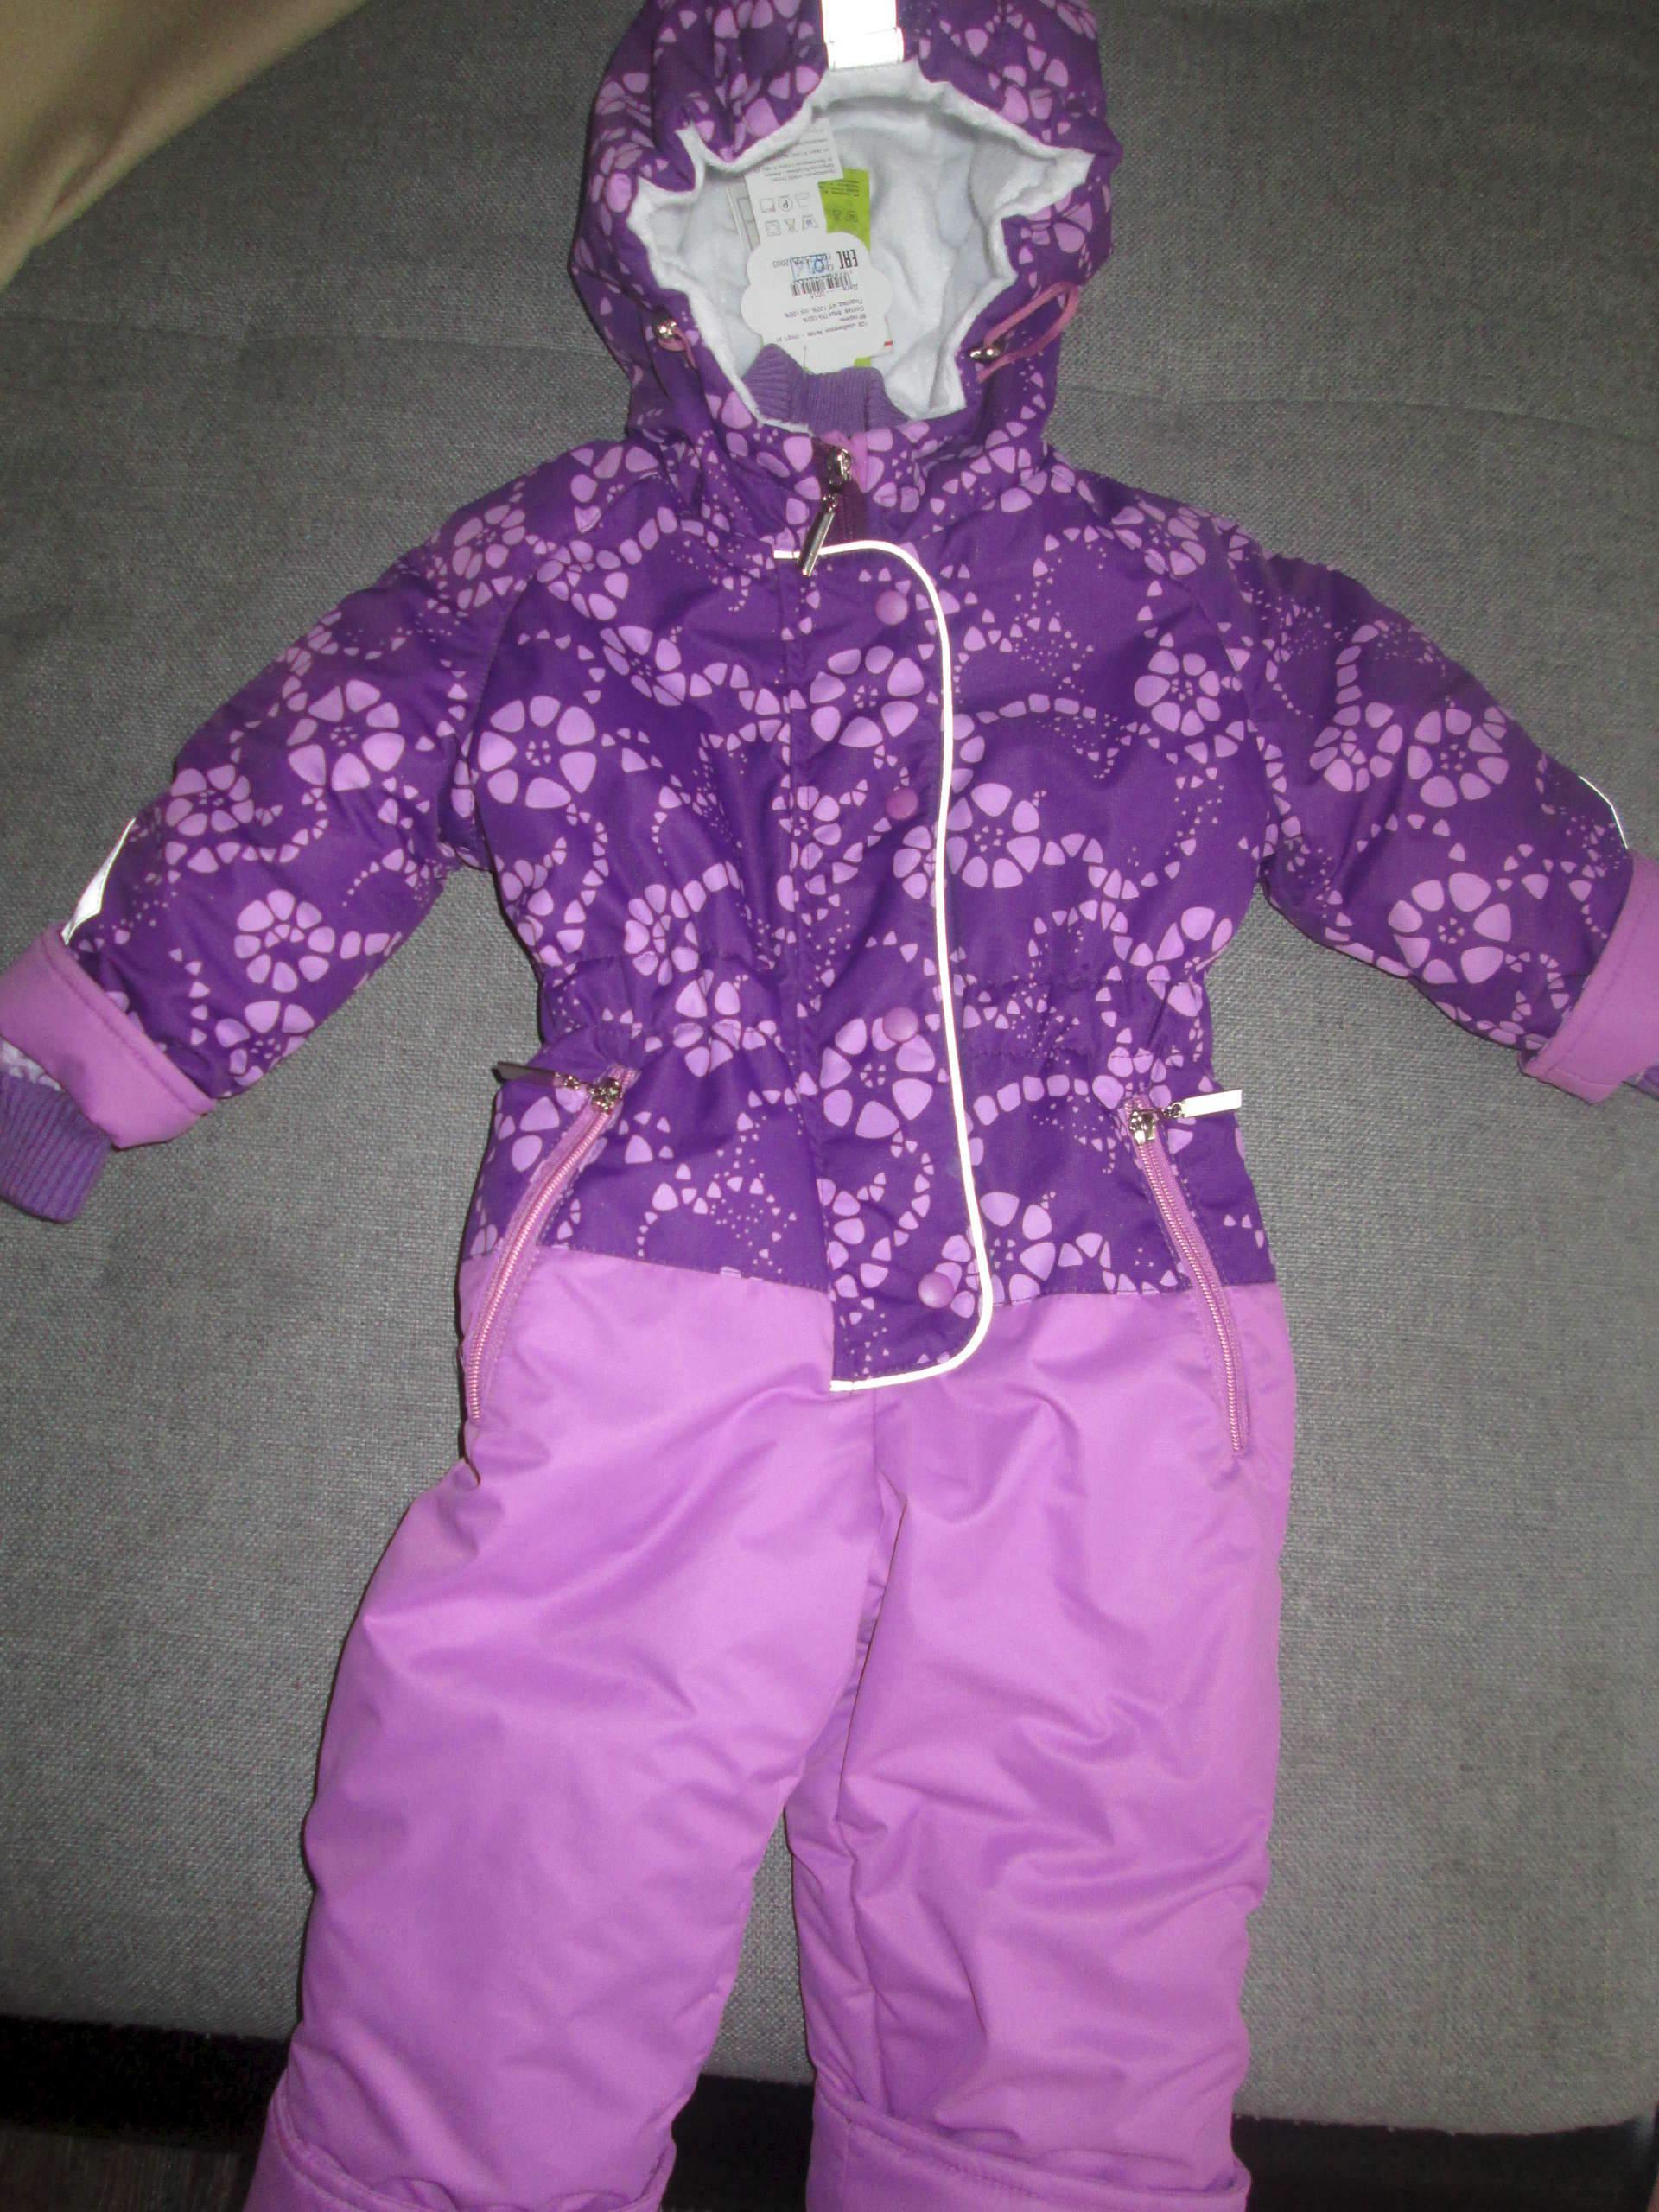 детская одежда польша наложенным платежом